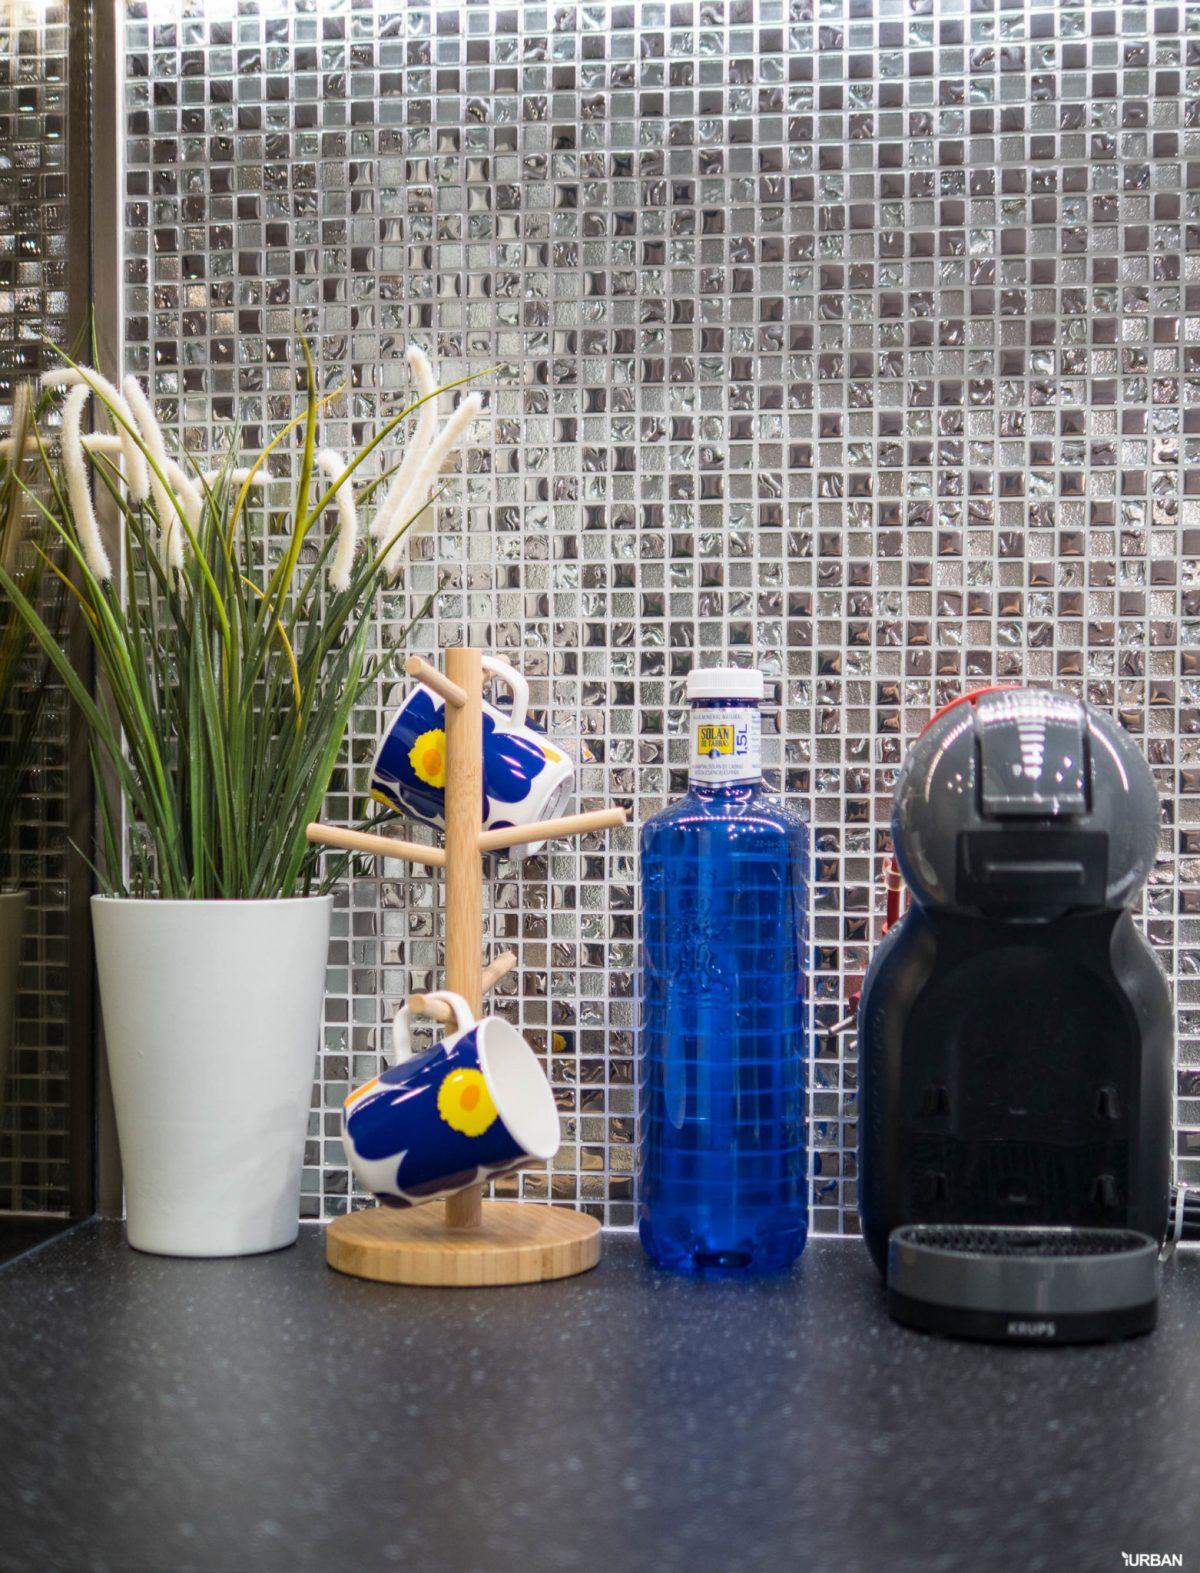 ไอเดียแต่งบ้าน รีโนเวทครัวให้สวยหรูสไตล์ Modern Luxury แบบจบงานไว ไม่กระทบโครงสร้างเดิม 93 - jorakay